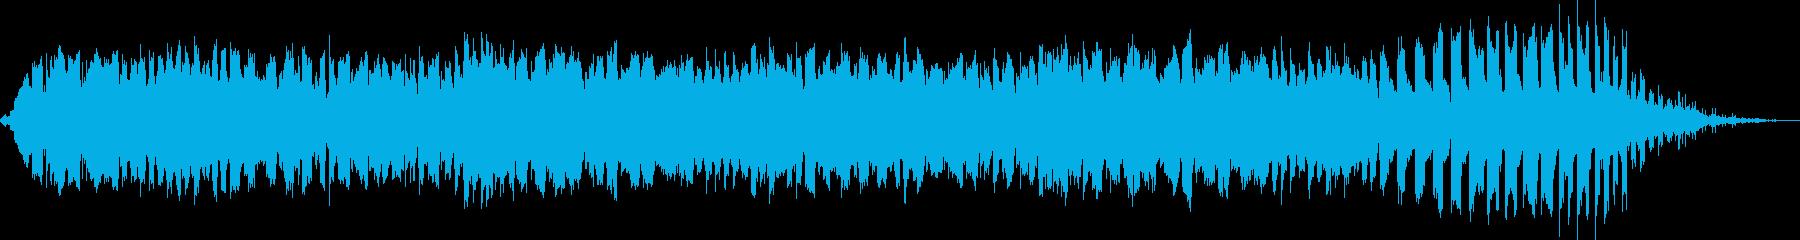 狂気のホラーアンビエントの再生済みの波形